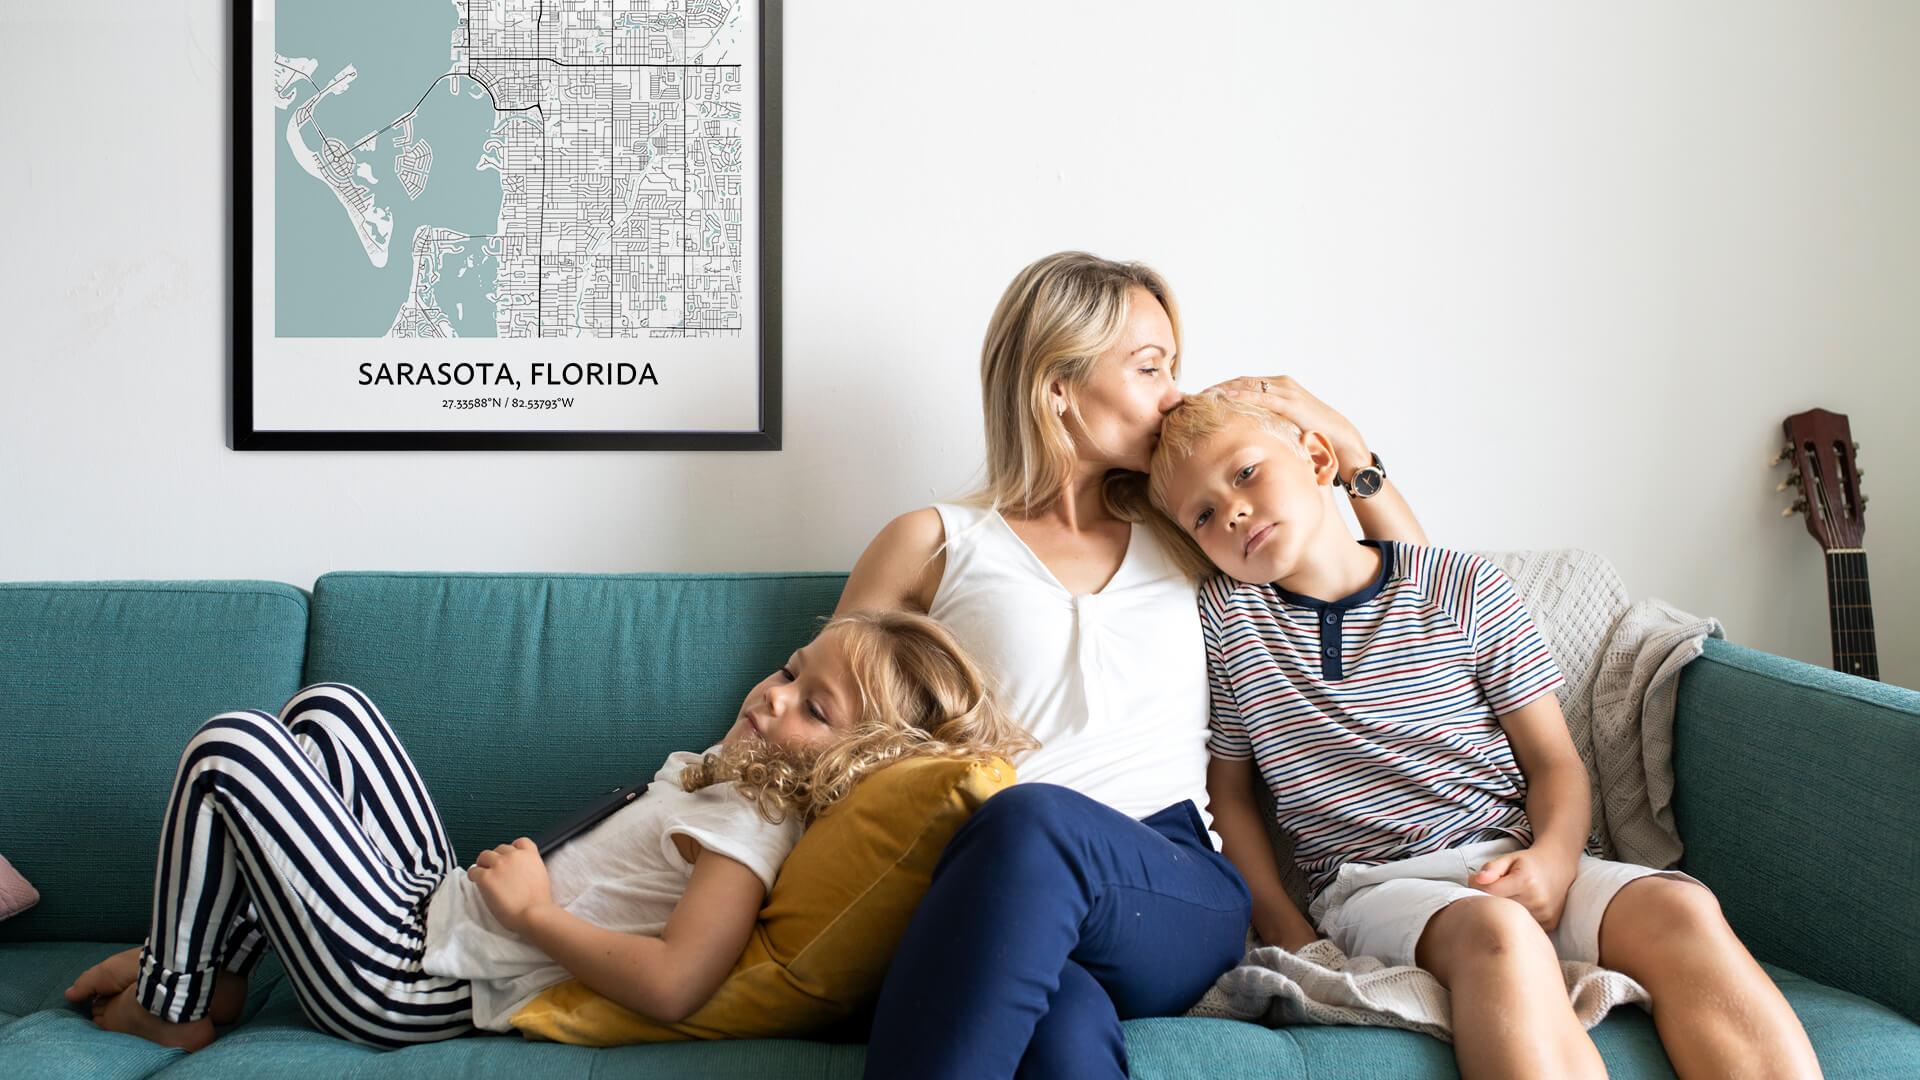 Sarasota map poster